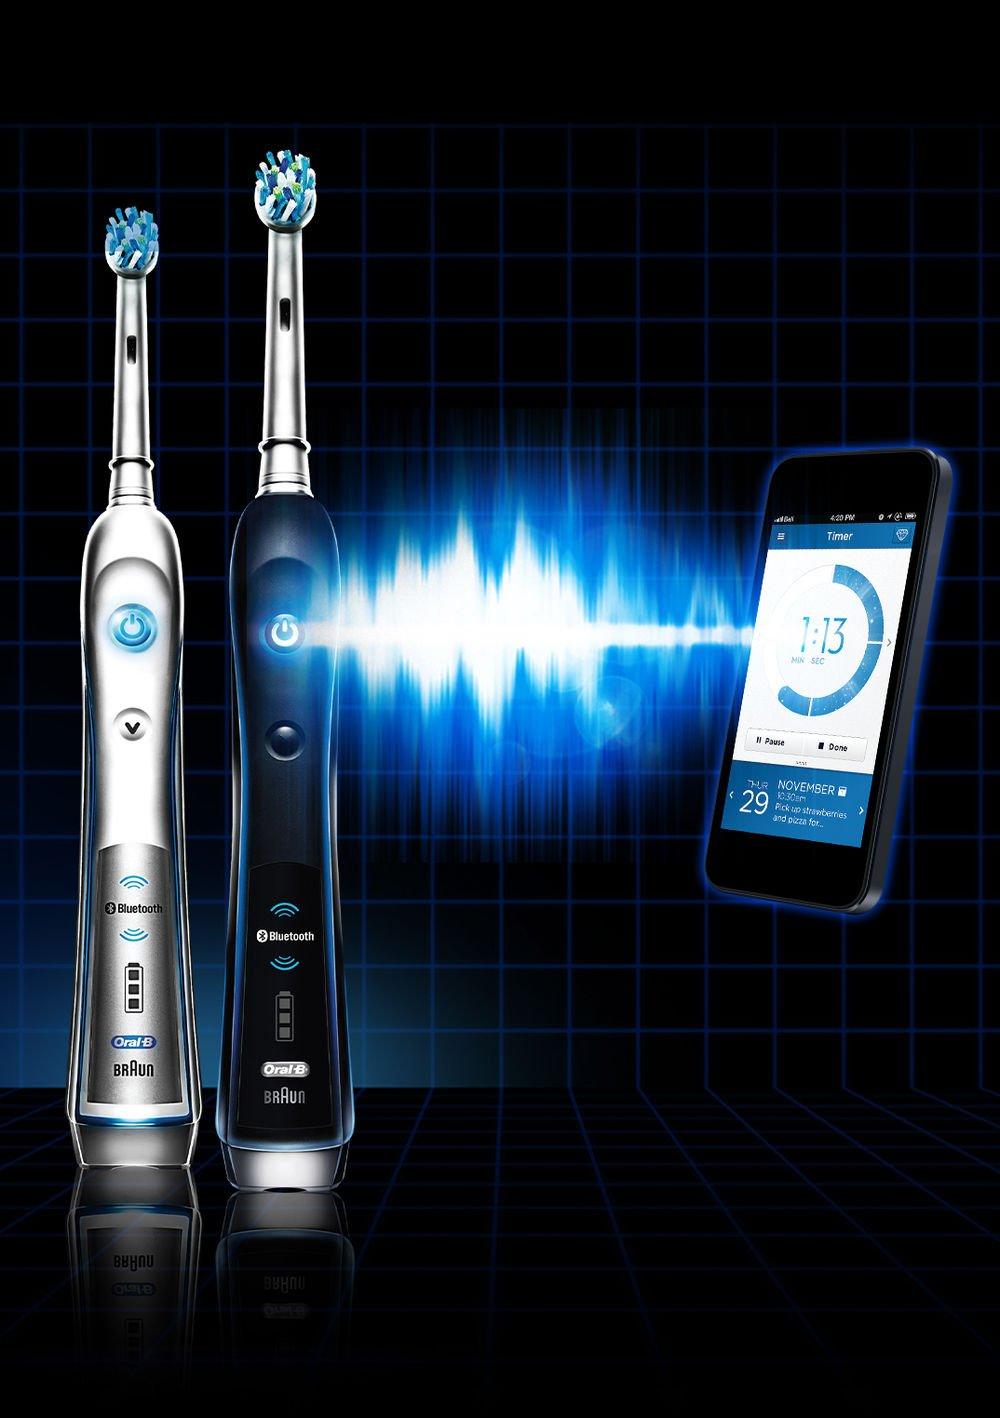 「世界初」Bluetooth搭載「電動歯ブラシ」が日本上陸 正しい歯磨きをガイド